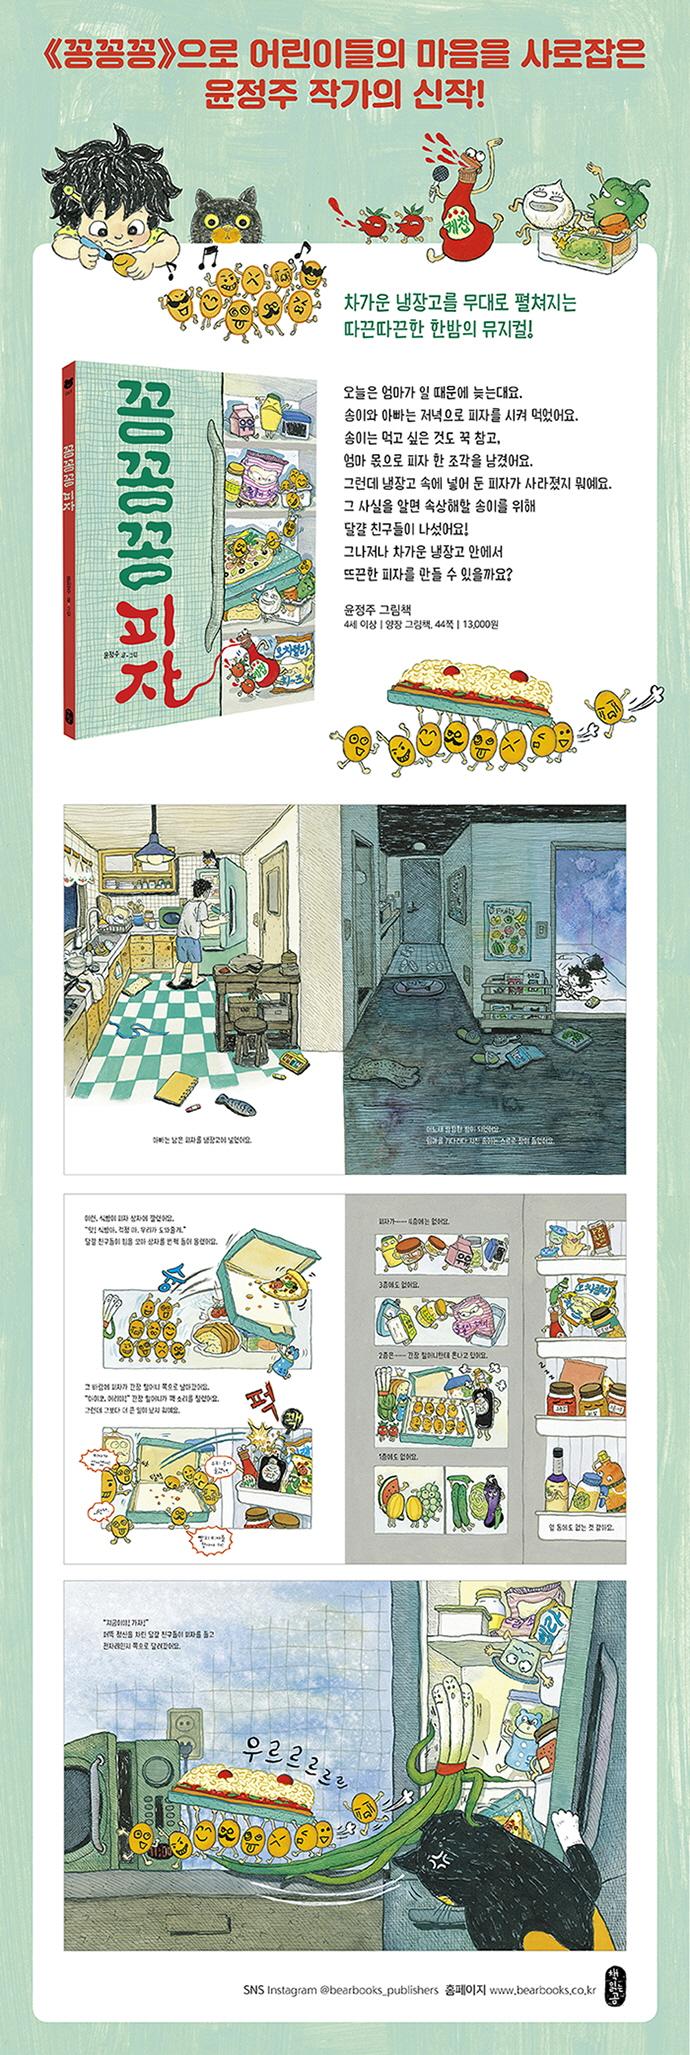 꽁꽁꽁 피자(그림책이 참 좋아 69)(양장본 HardCover) 도서 상세이미지